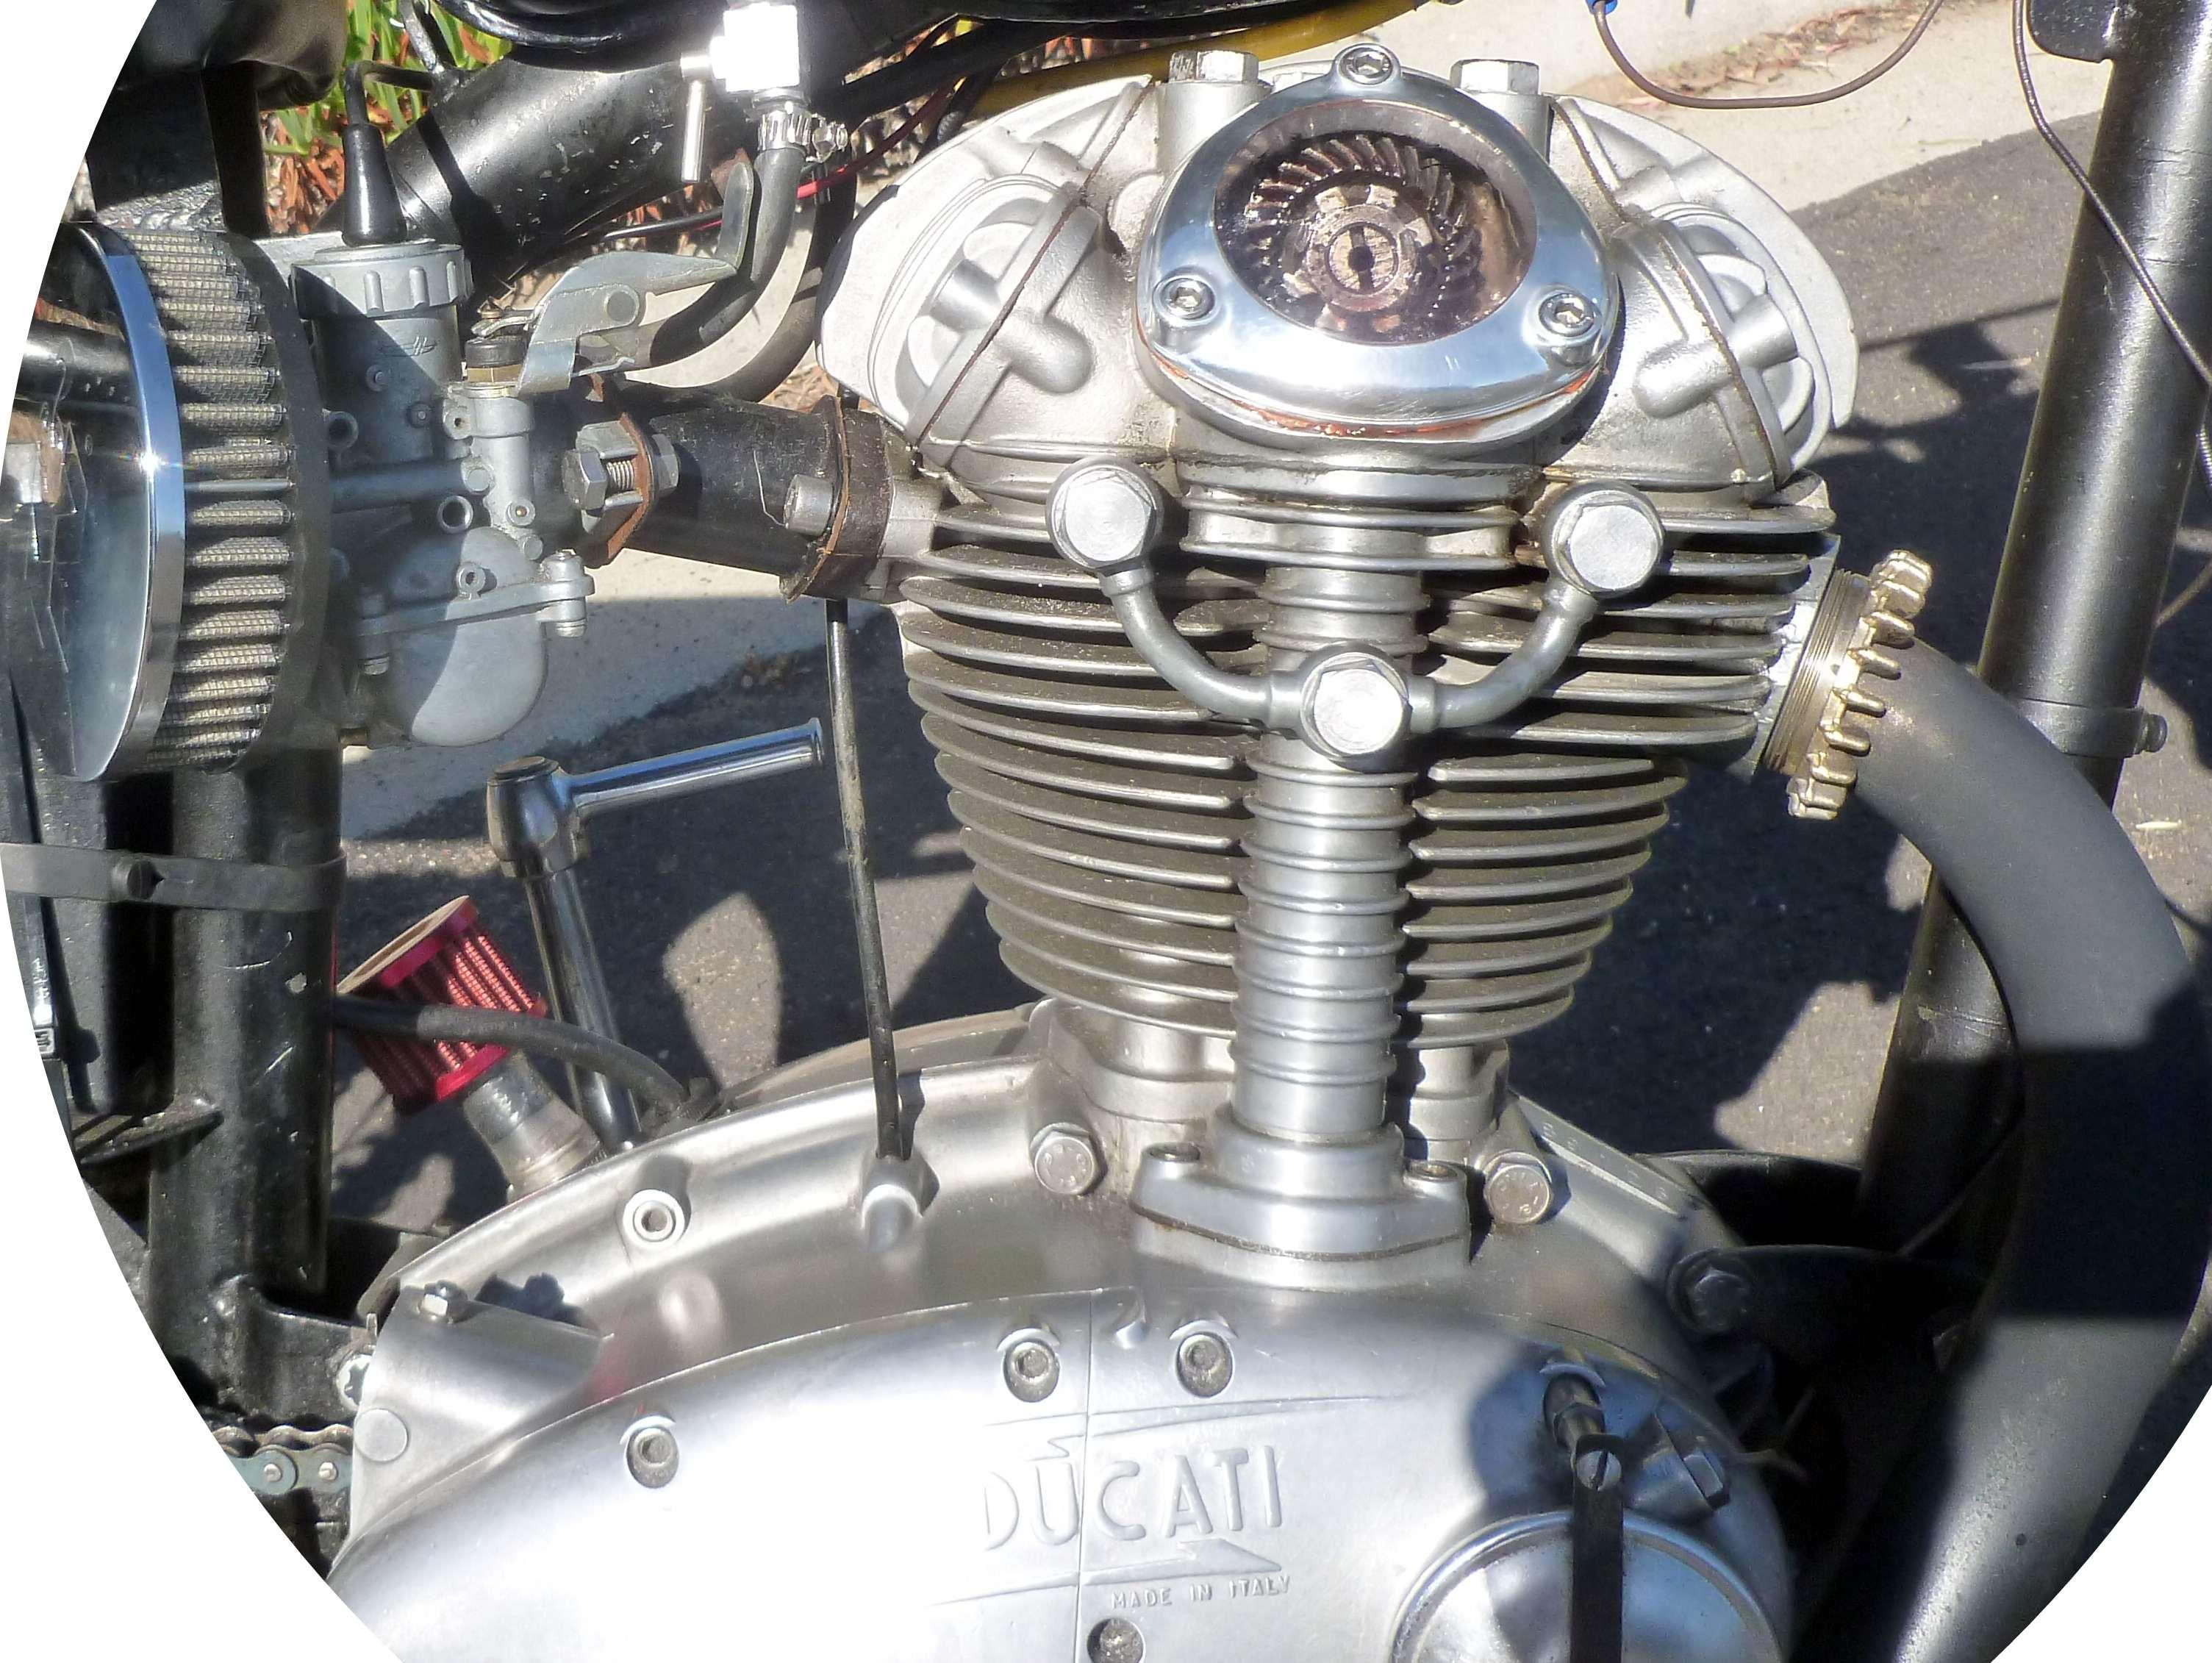 Ducati 1965 Scrambler 250 Narrow case 6